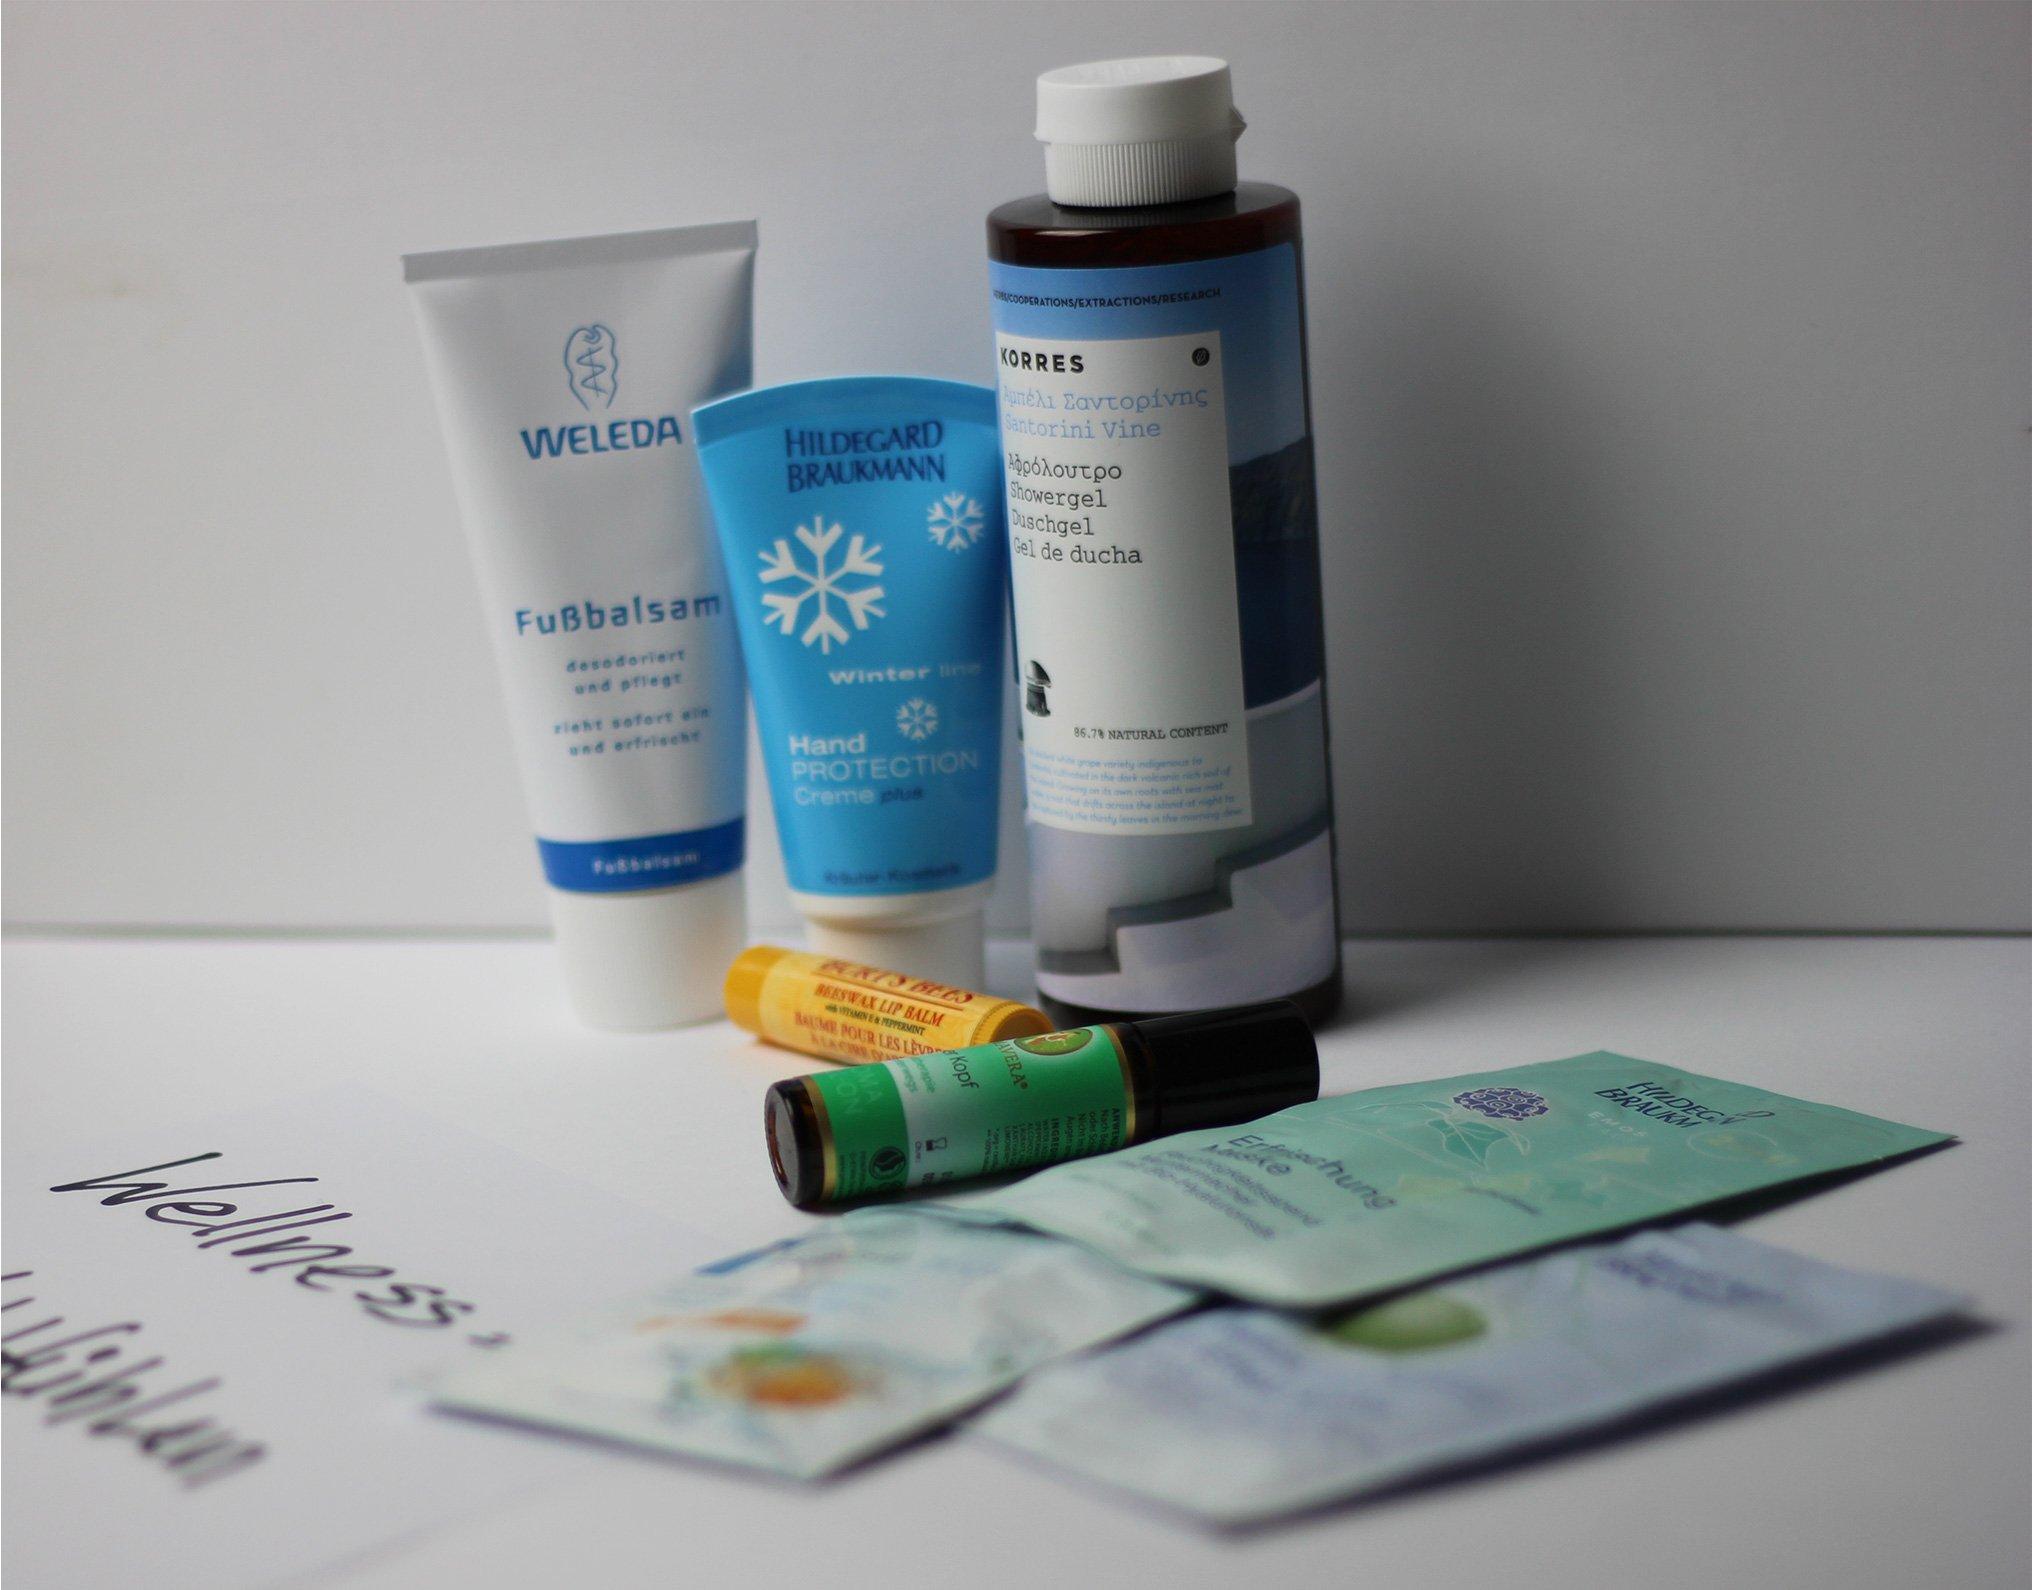 Wellnesspaket - Produkte Duschgel, Fußbalsam, Gesichtsmaske, Lippenpflege, Handcreme, Erfrischungstücher